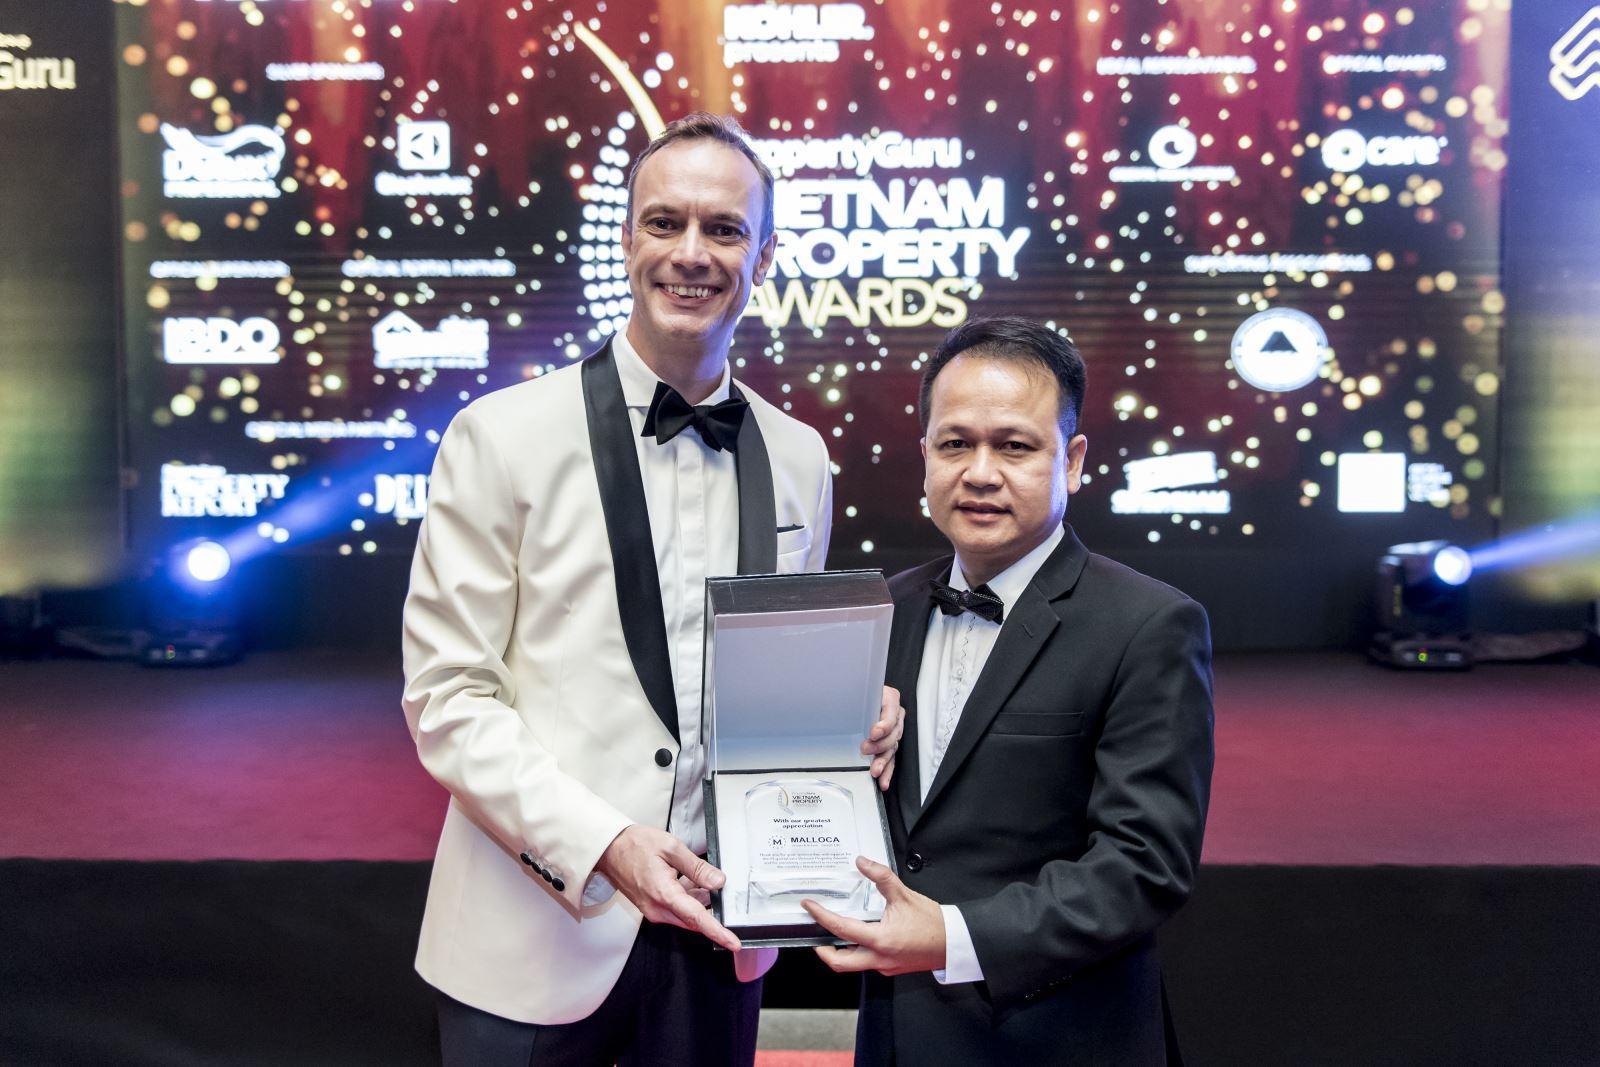 Malloca tài trợ cho giải thưởng Bất động sản Việt Nam 2018